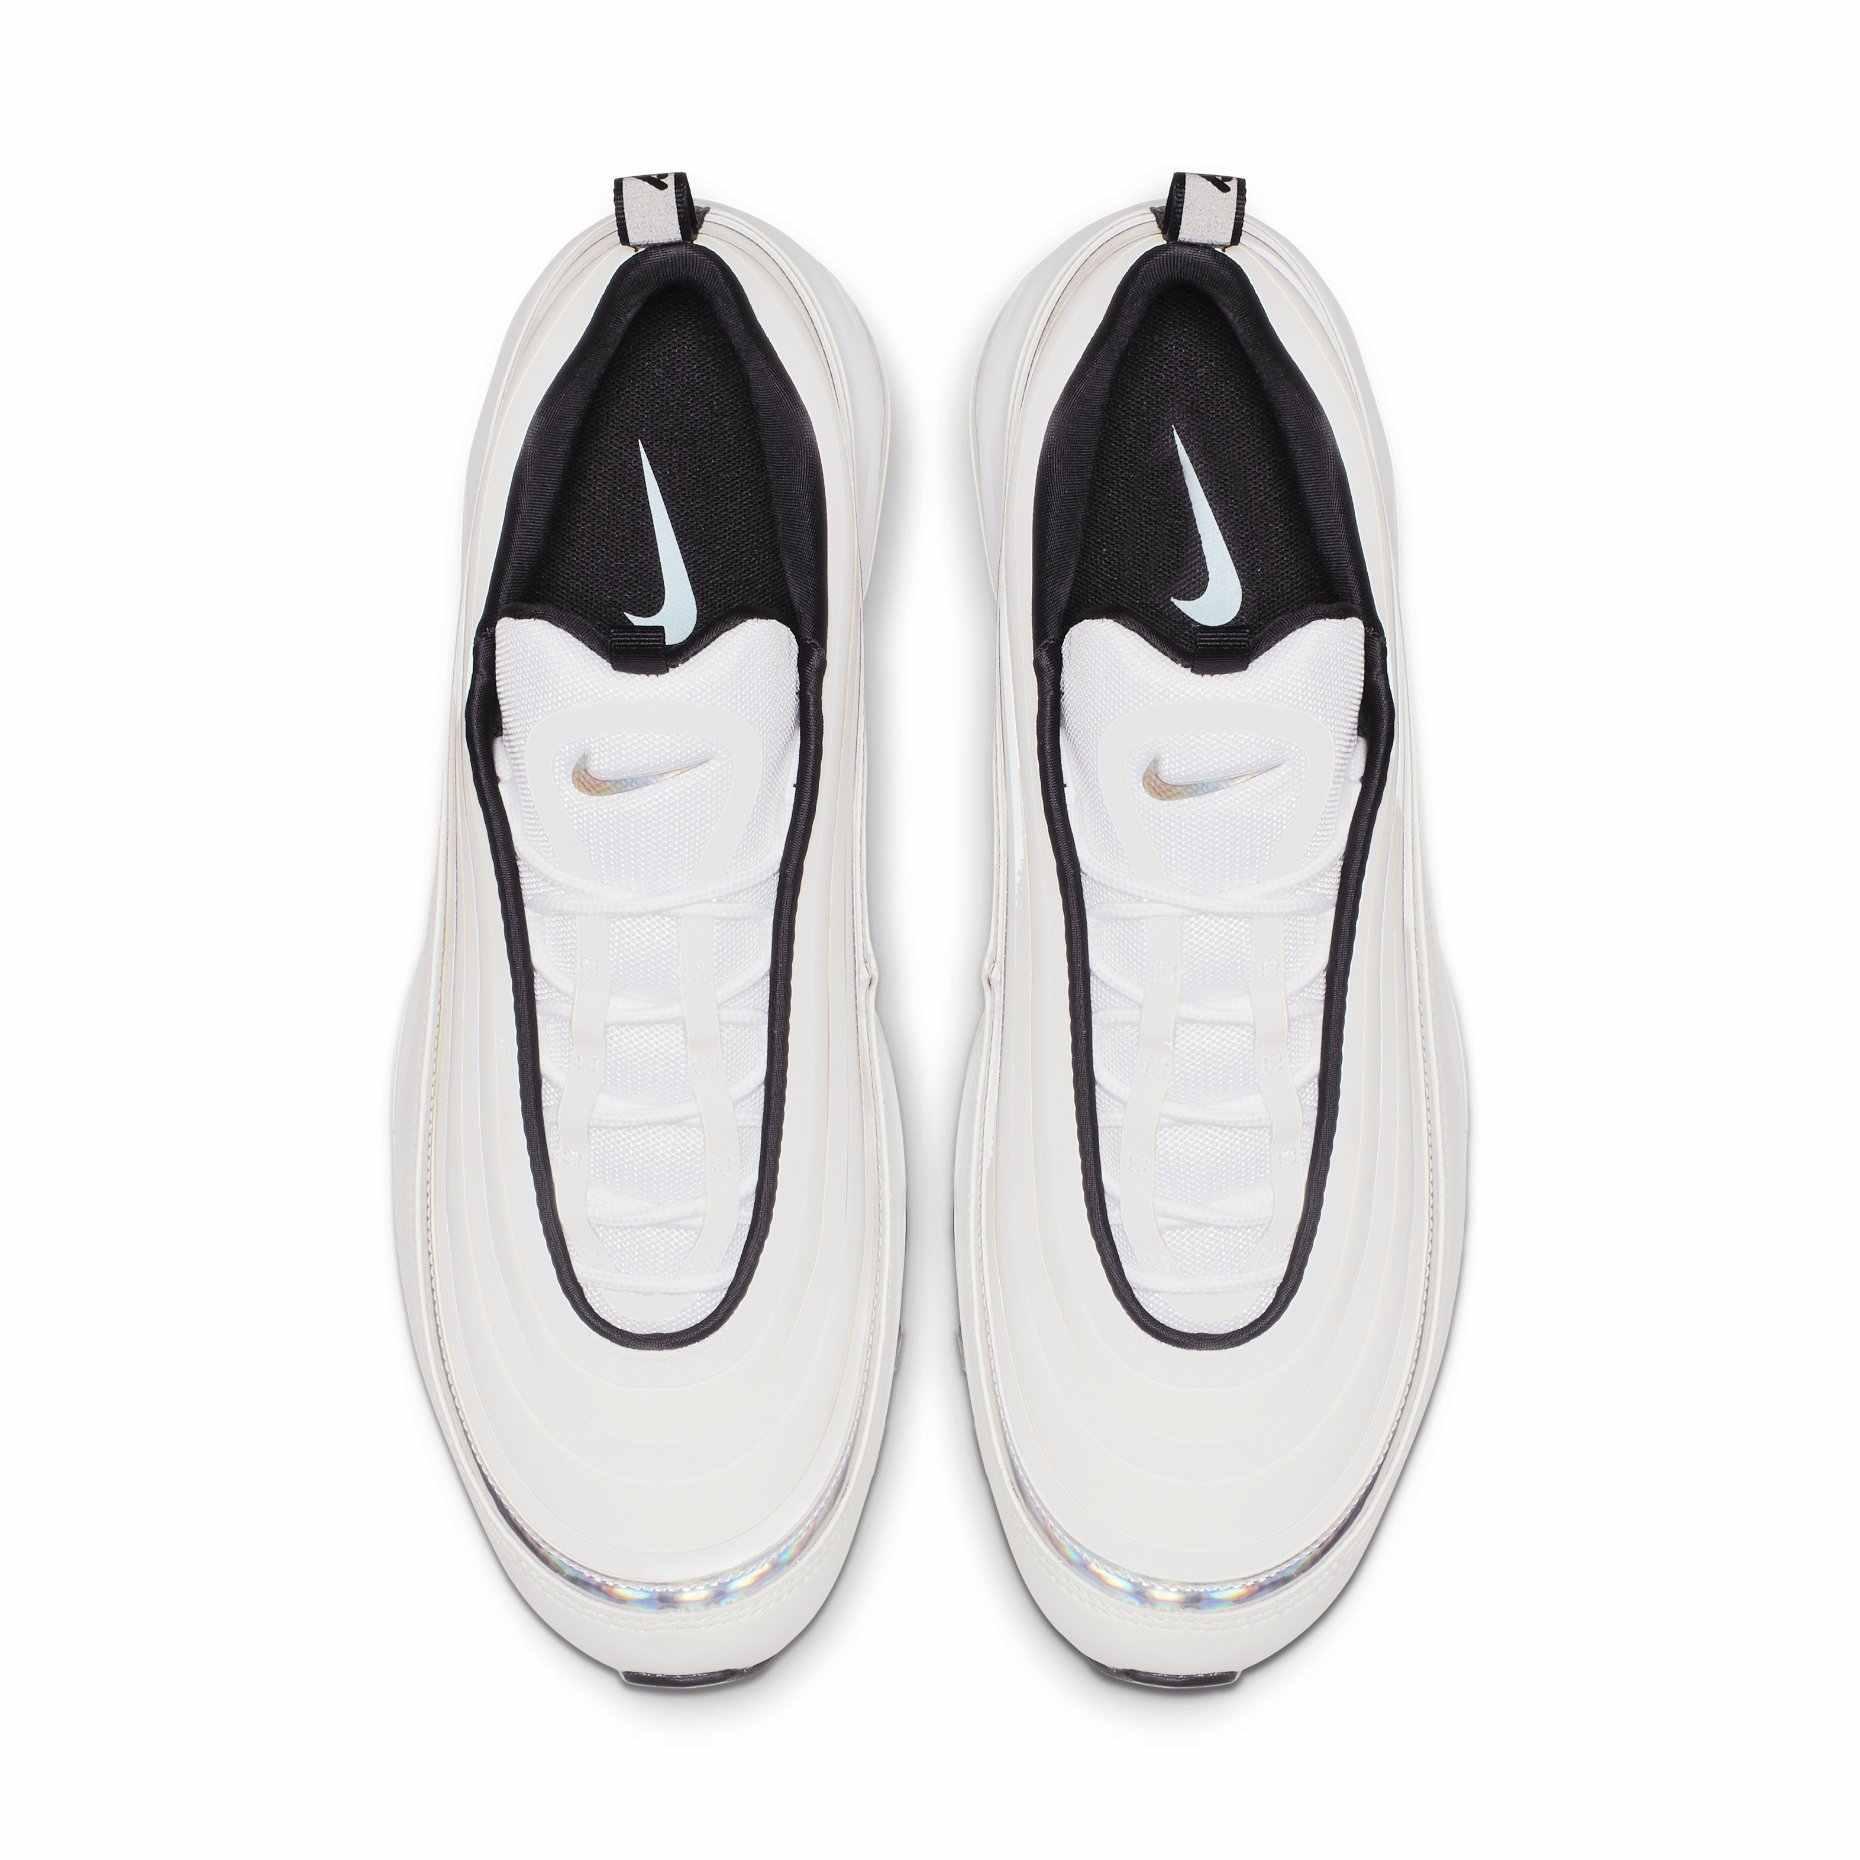 Nike Air Max 97 Ul '17 ультра Новое поступление мужские кроссовки для бега удобные дышащие кроссовки для отдыха # BV6666-016/106